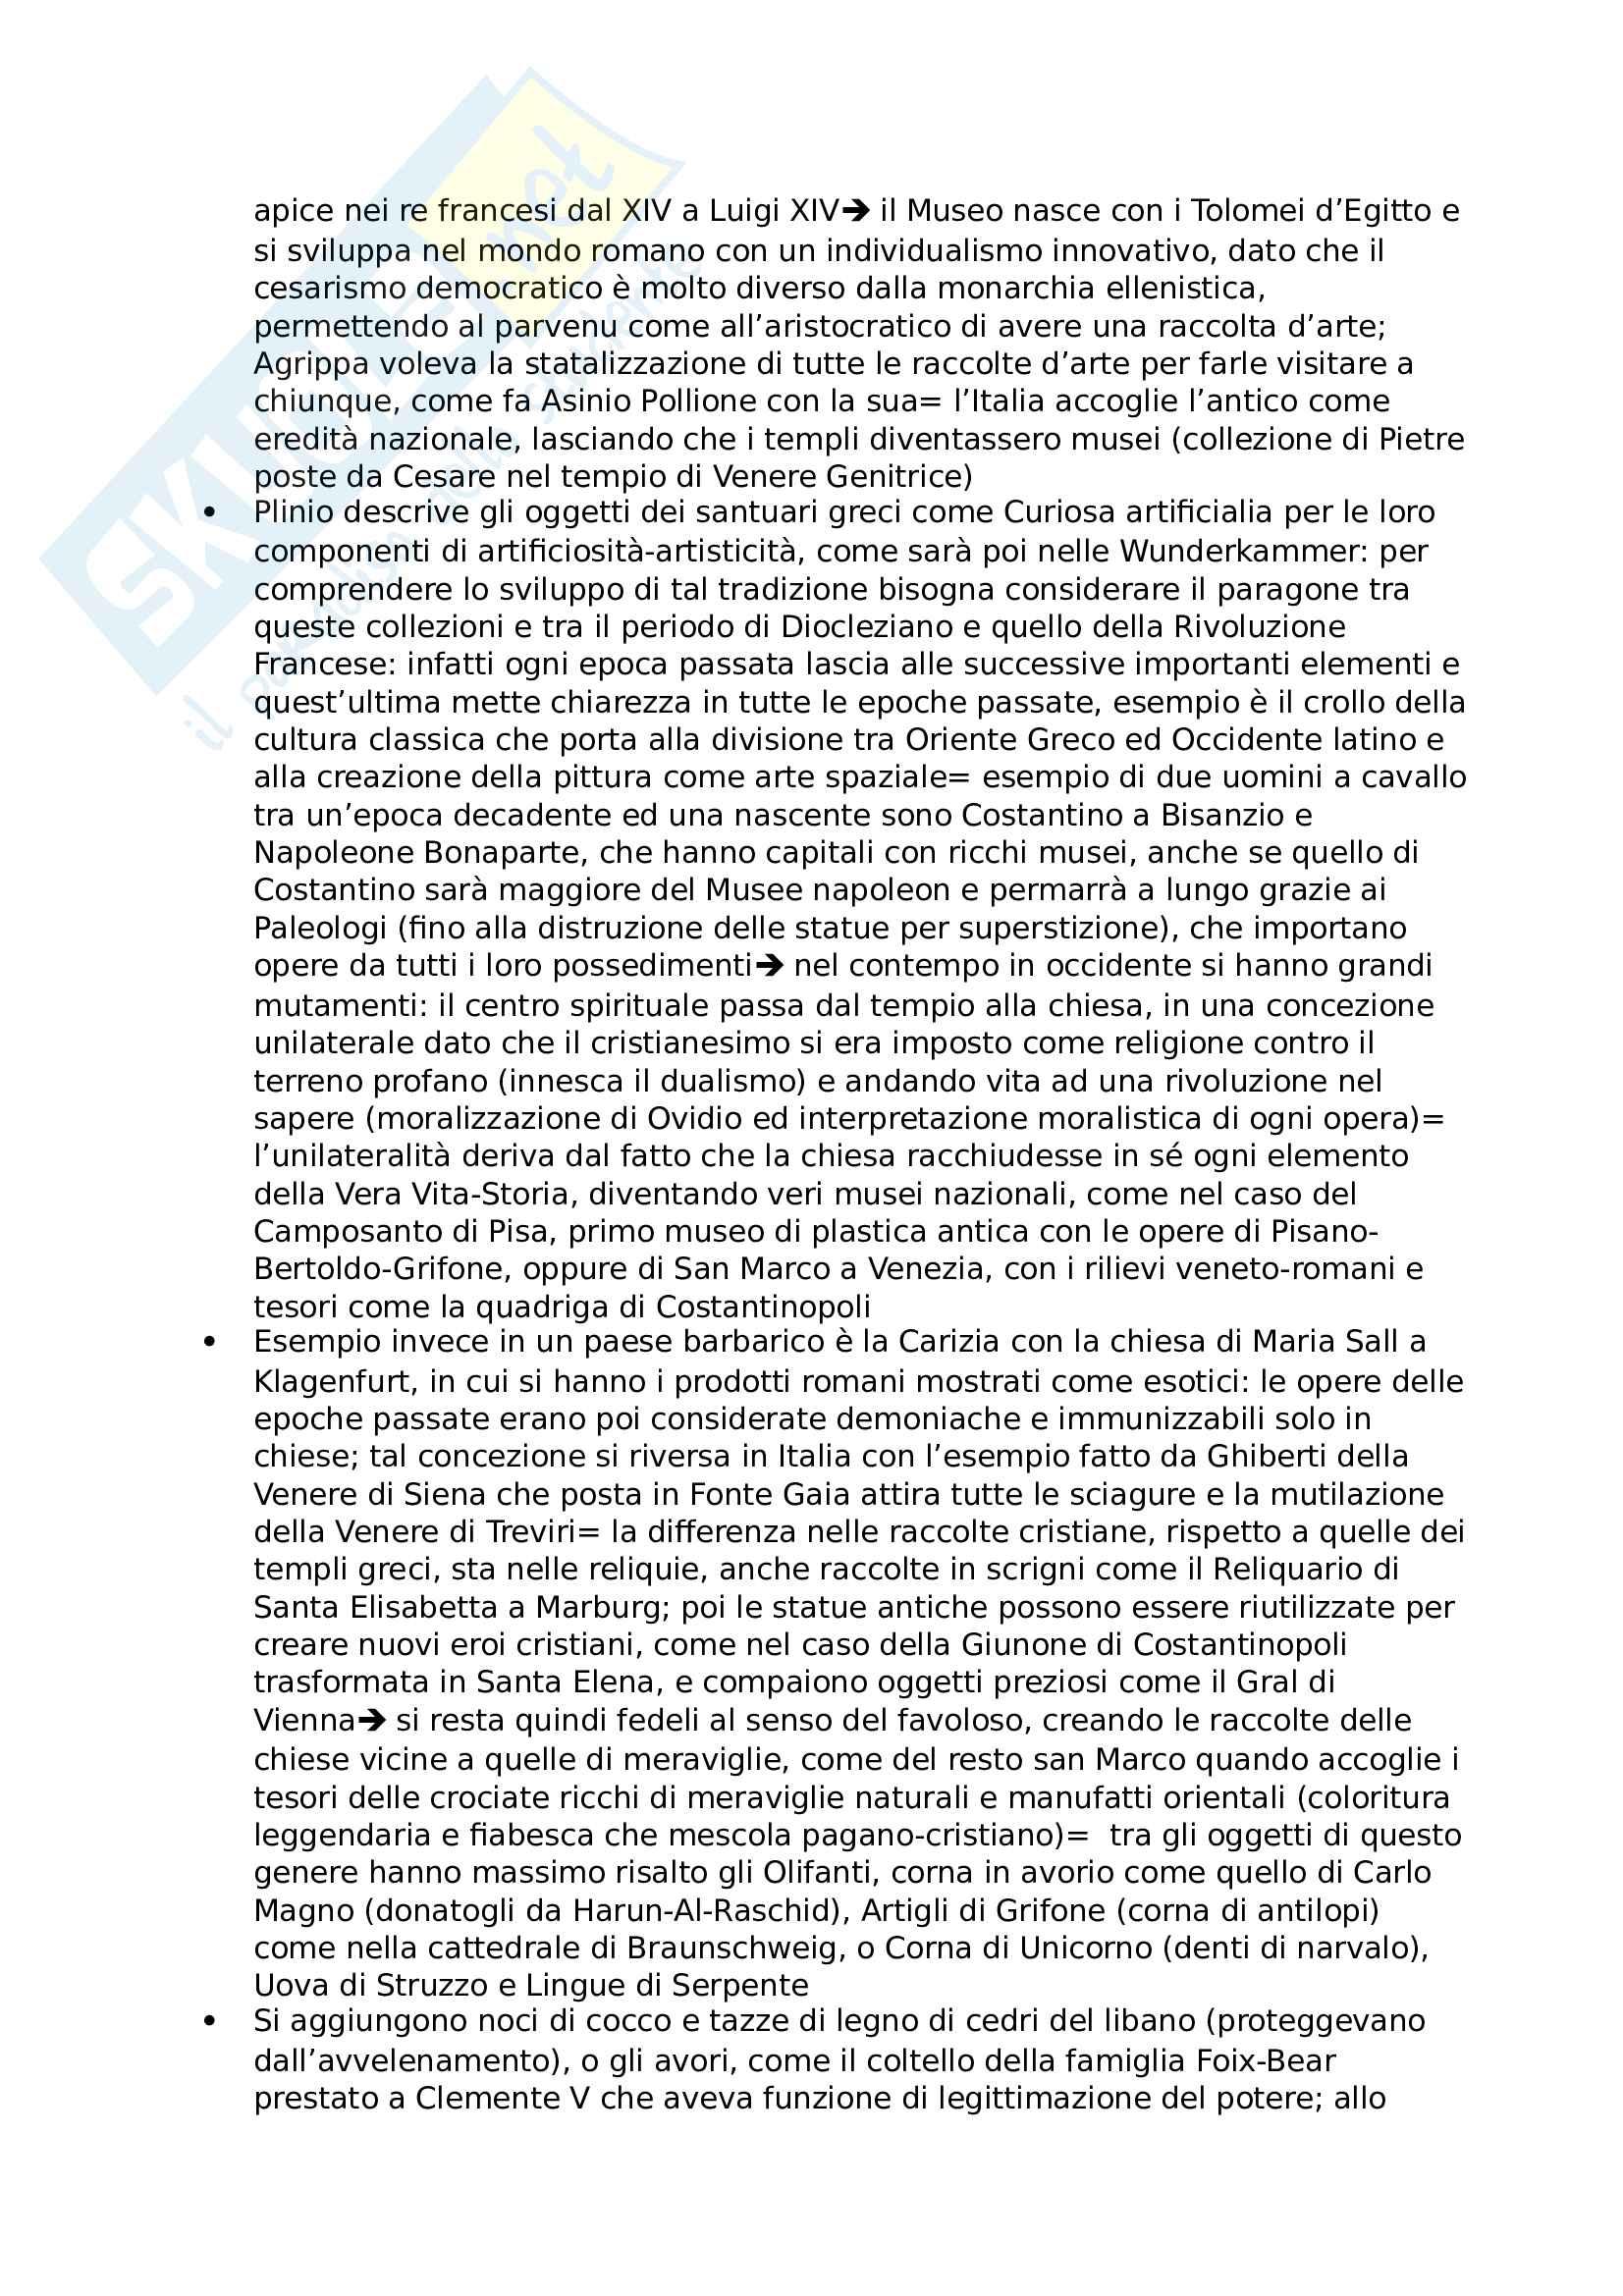 Riassunto esame Storia della letteratura artistica, prof Sacchi, libro consigliato Le Raccolte d'arte delle meraviglie, Schlosser Pag. 2